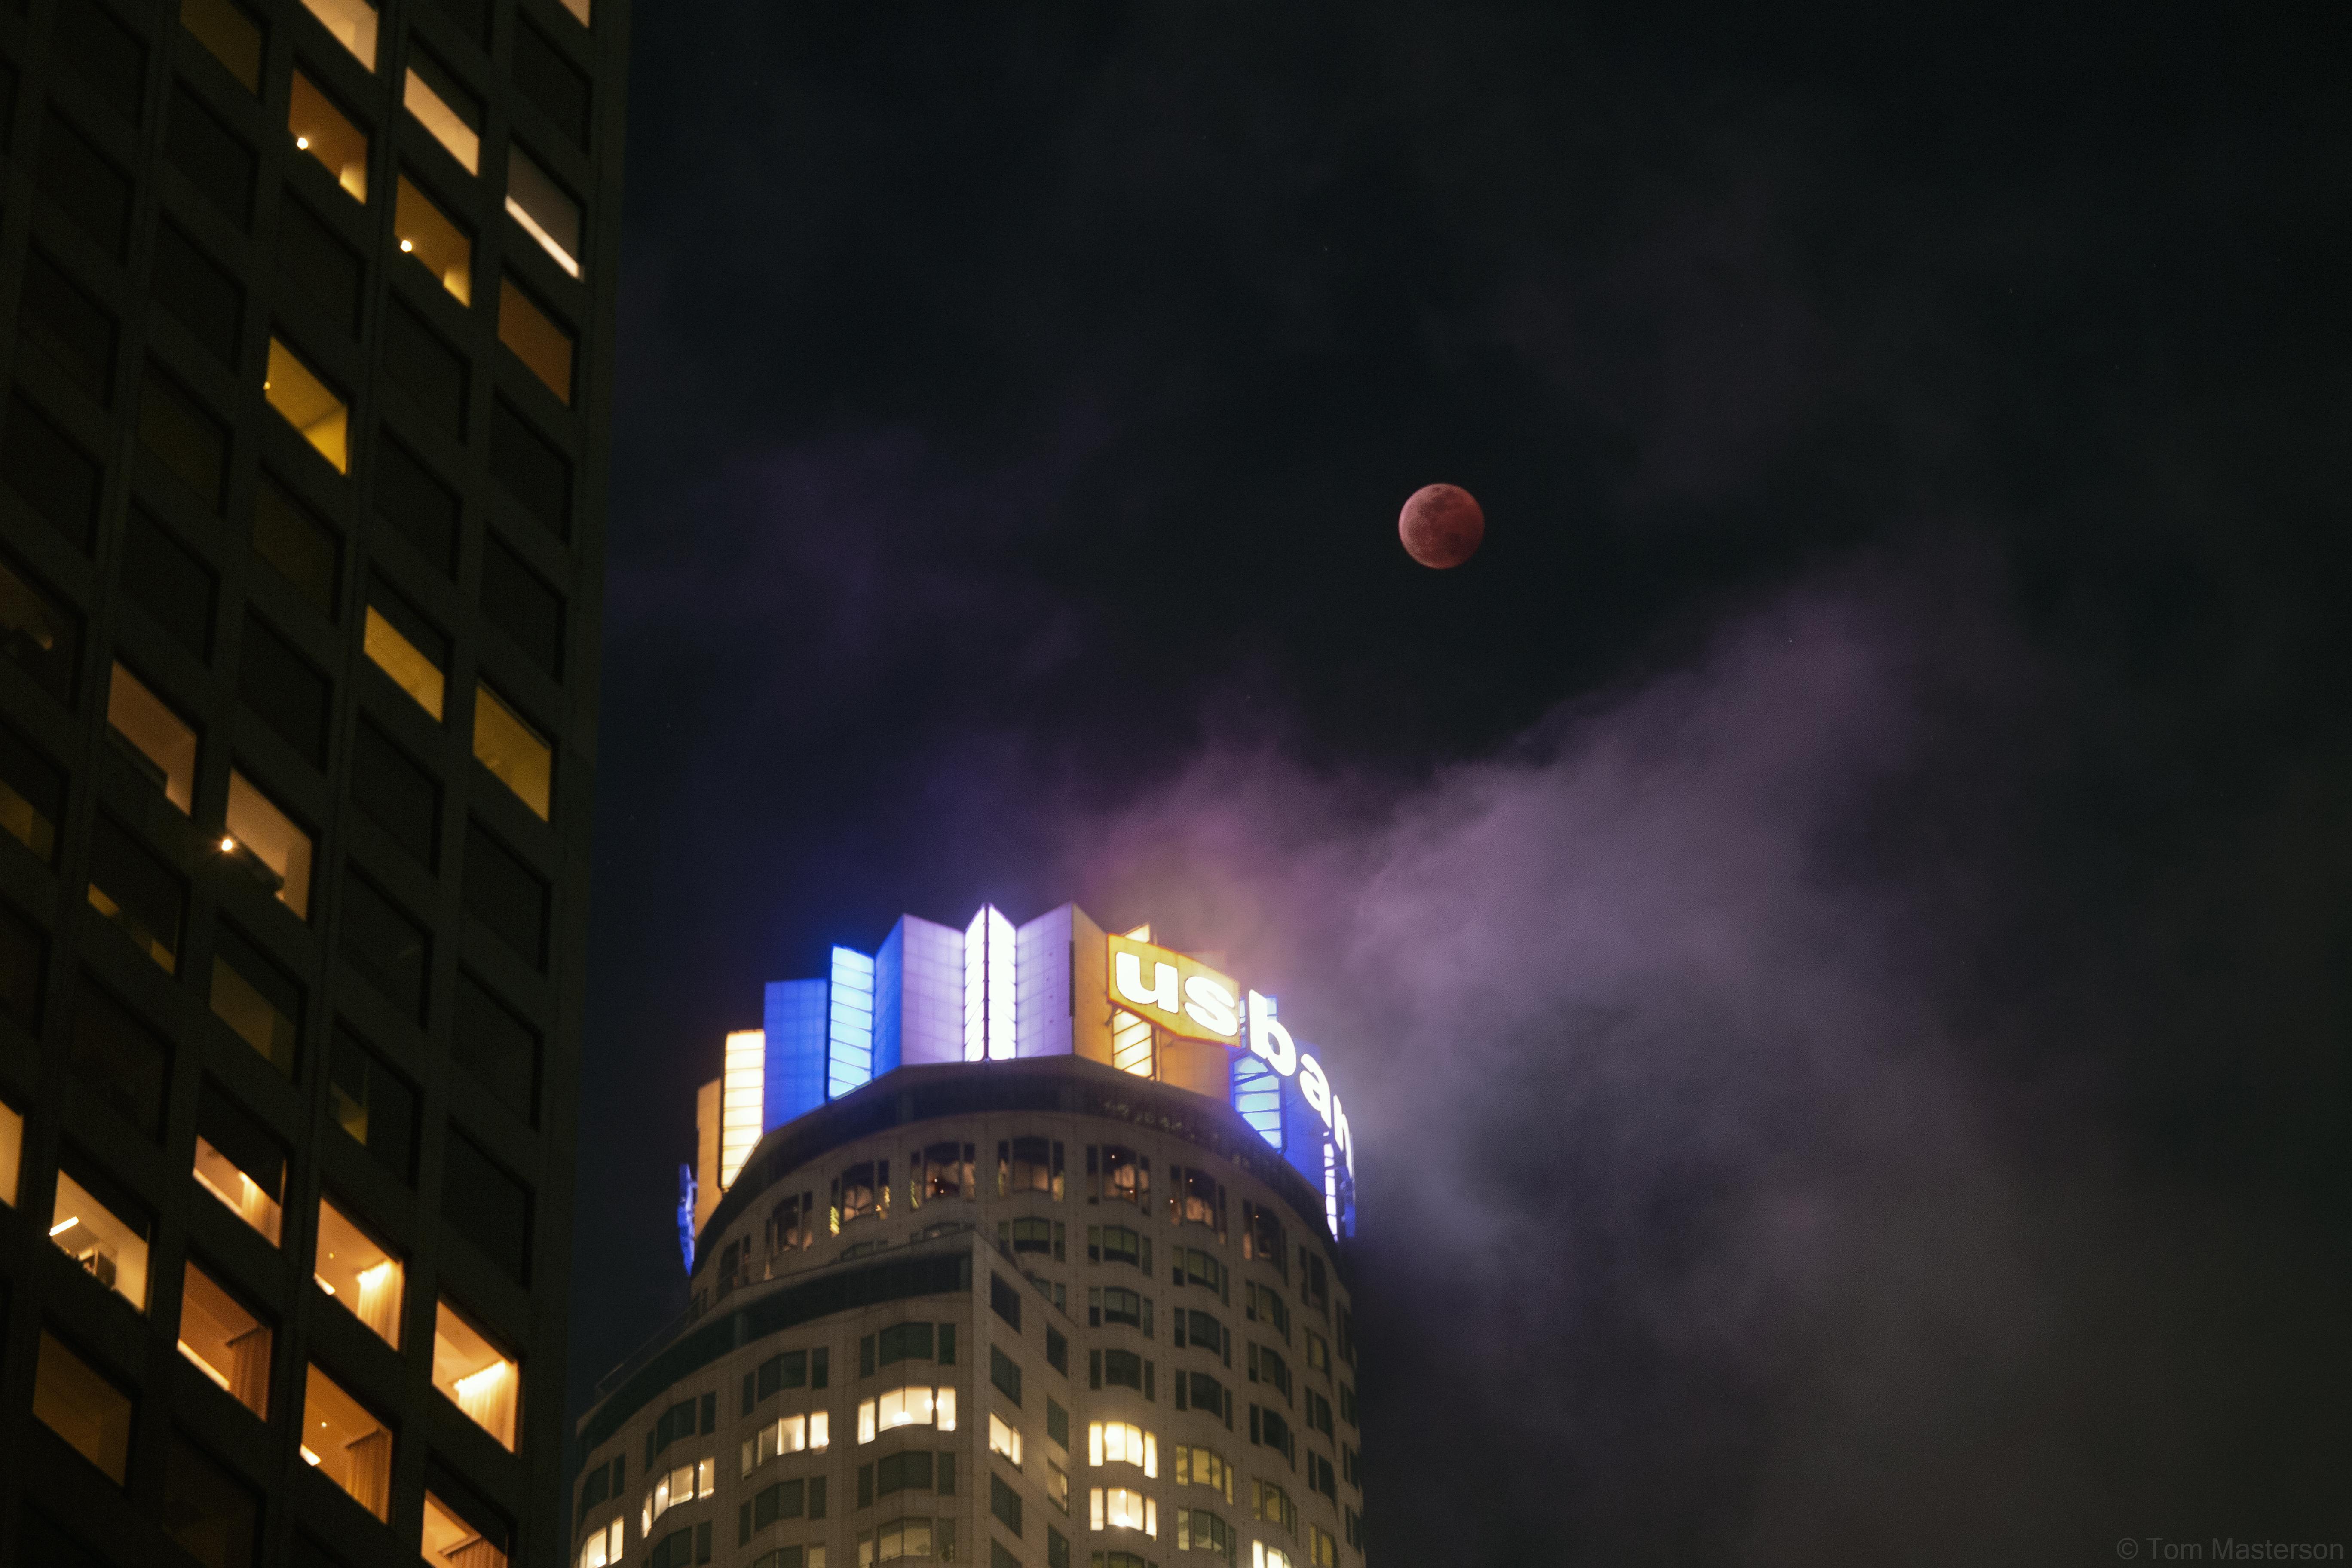 Lunar Eclipse over DTLA 1/20/2019